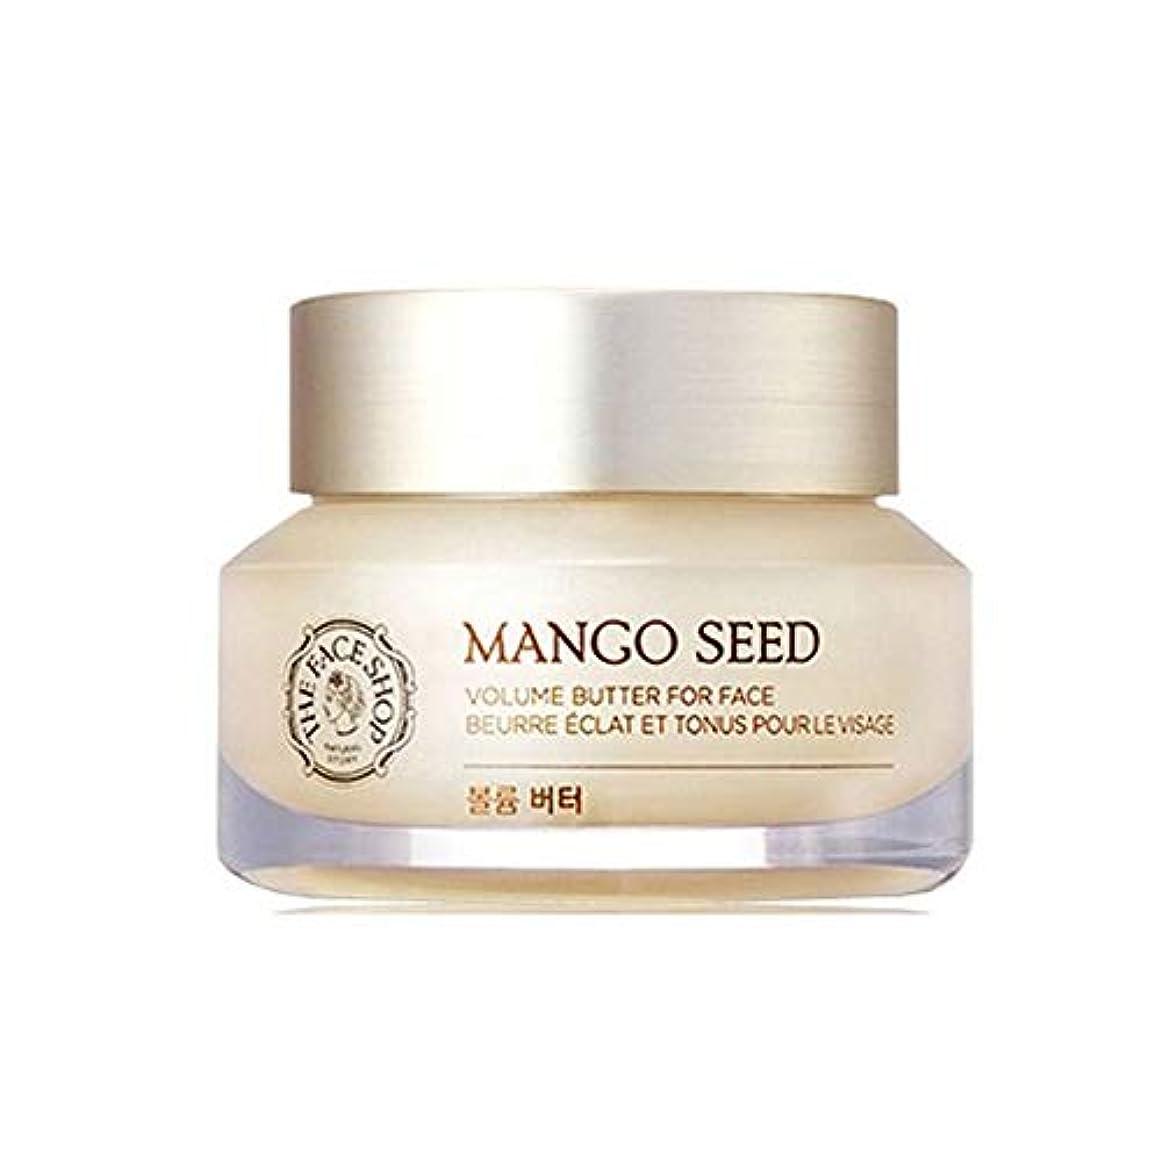 強化理論的排泄するザ?フェイスショップマンゴーシードボリュームバタークリーム50ml韓国コスメ、The Face Shop Mango Seed Volume Butter Cream For Face 50ml Korean Cosmetics...